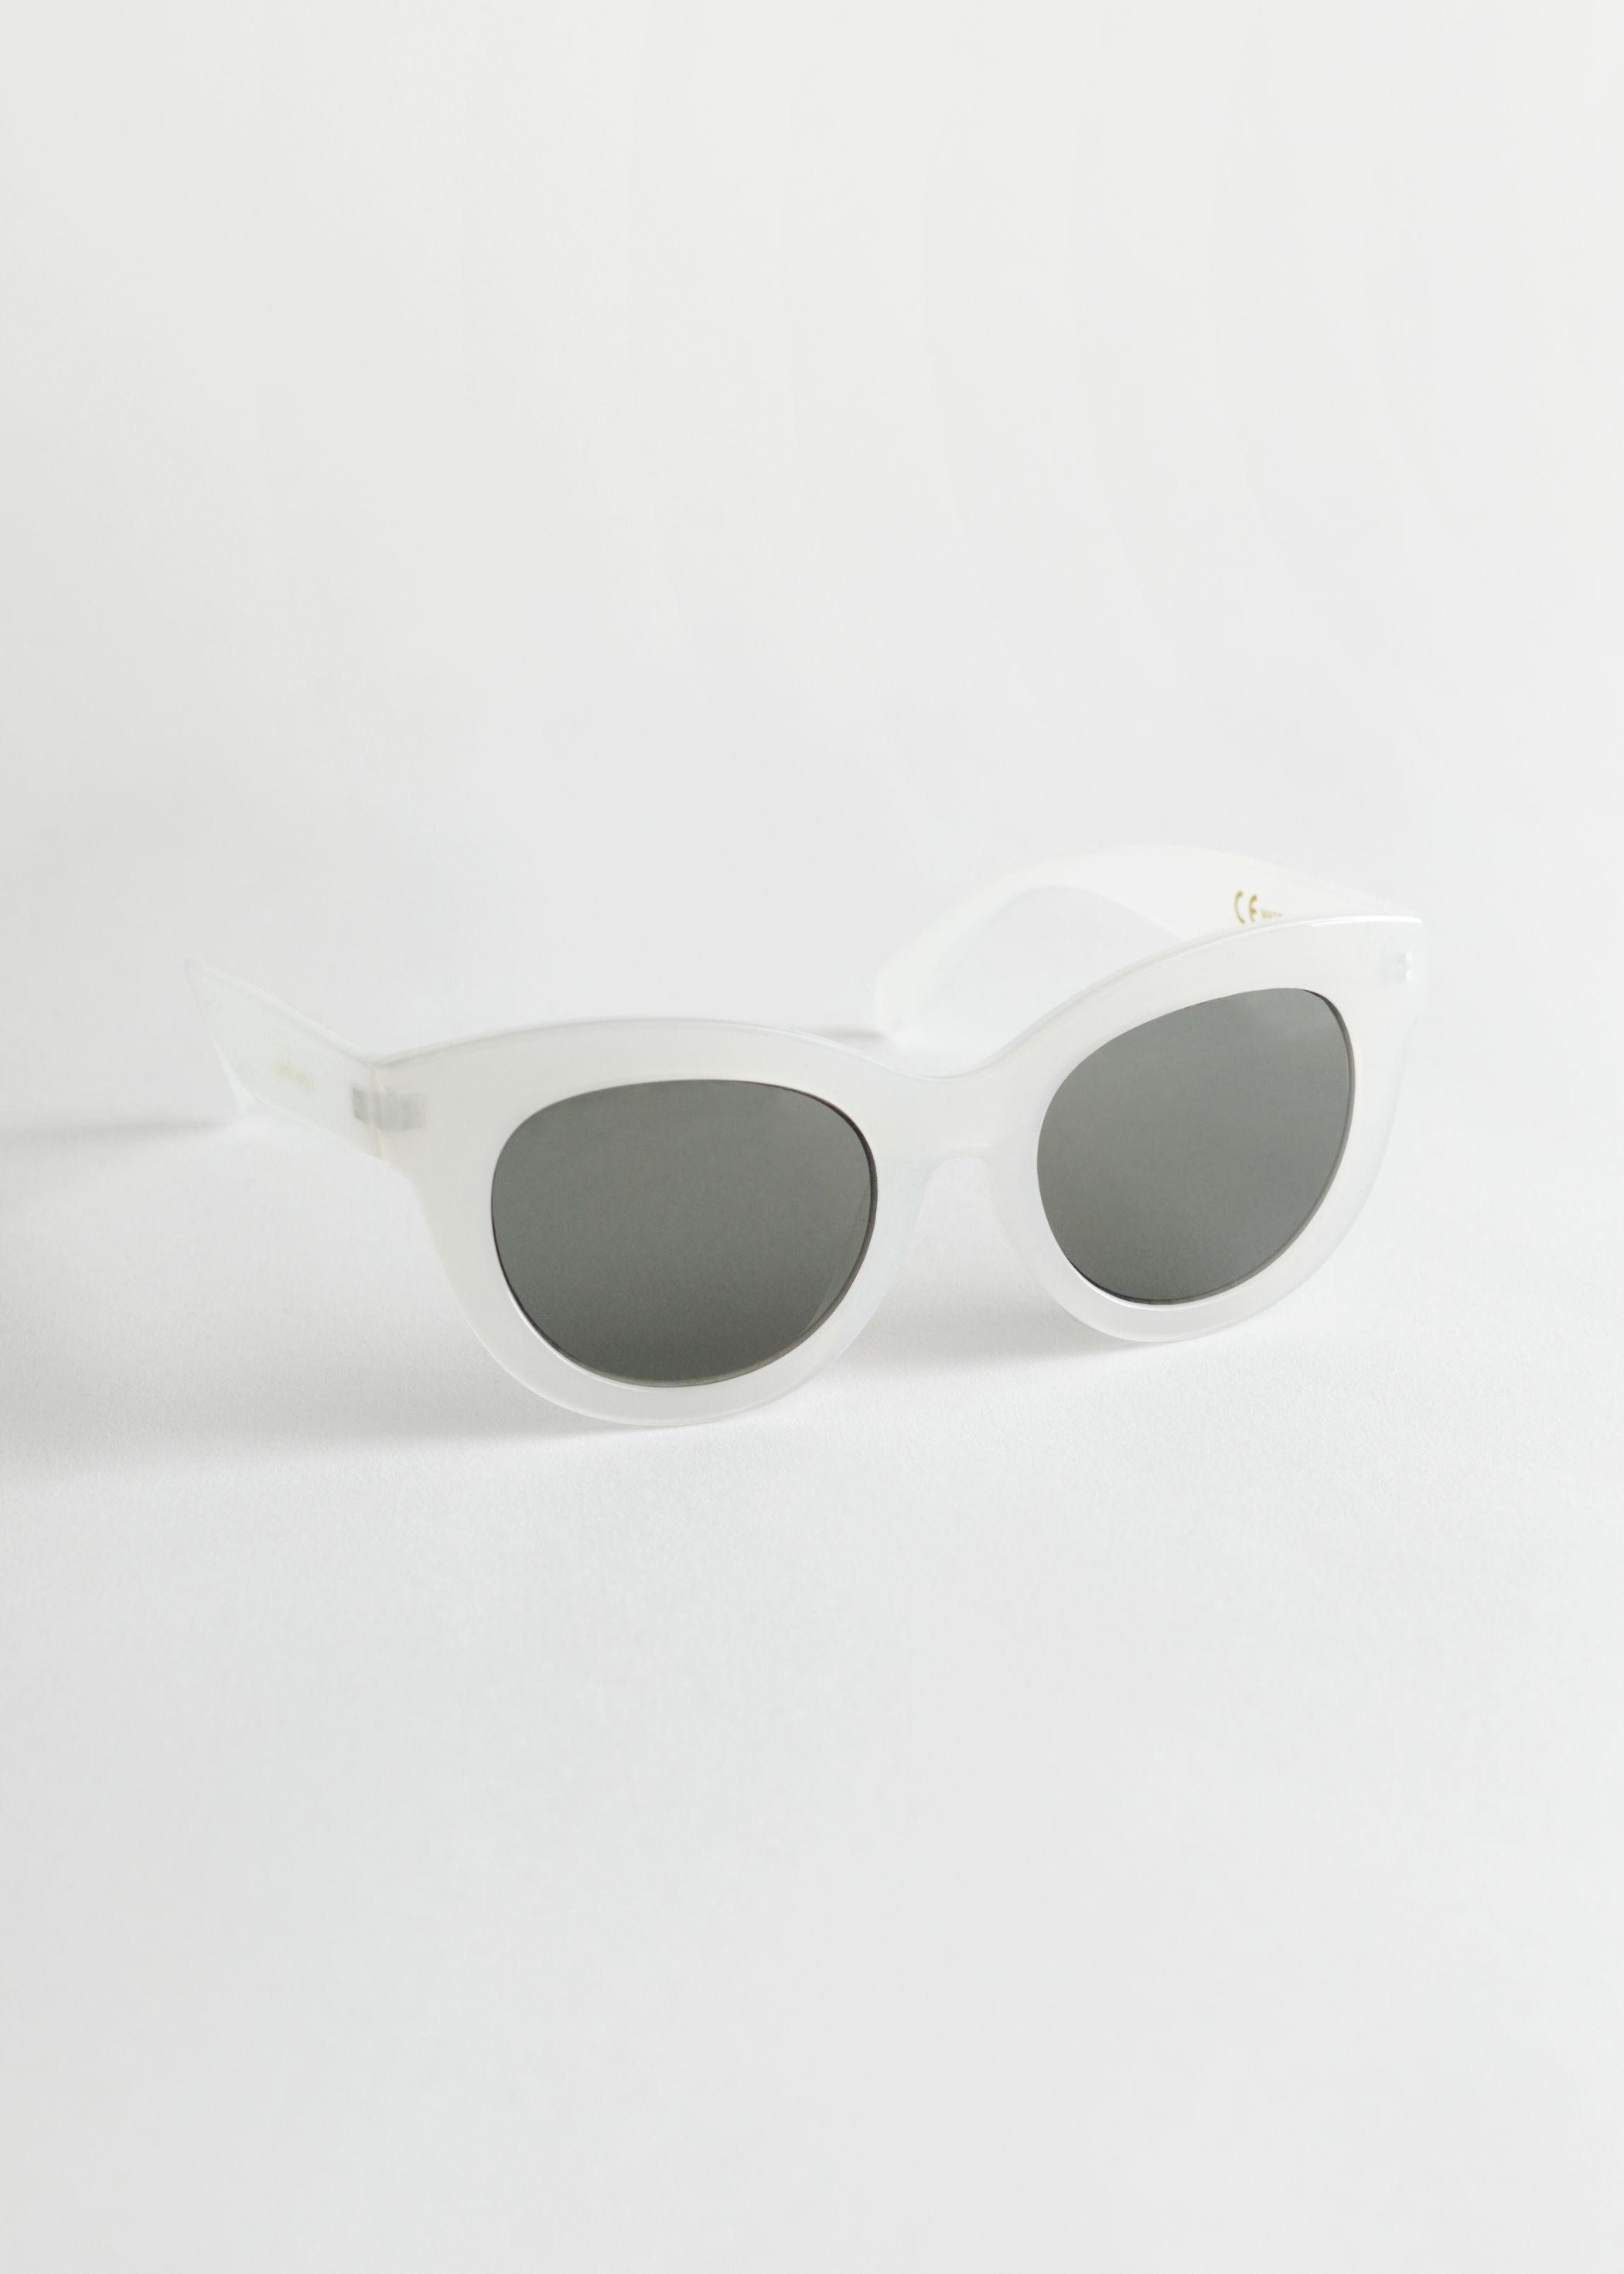 앤 아더 스토리즈 오버사이즈 라운드 선글라스 & OTHER STORIES Oversized Rounded Sunglasses,White